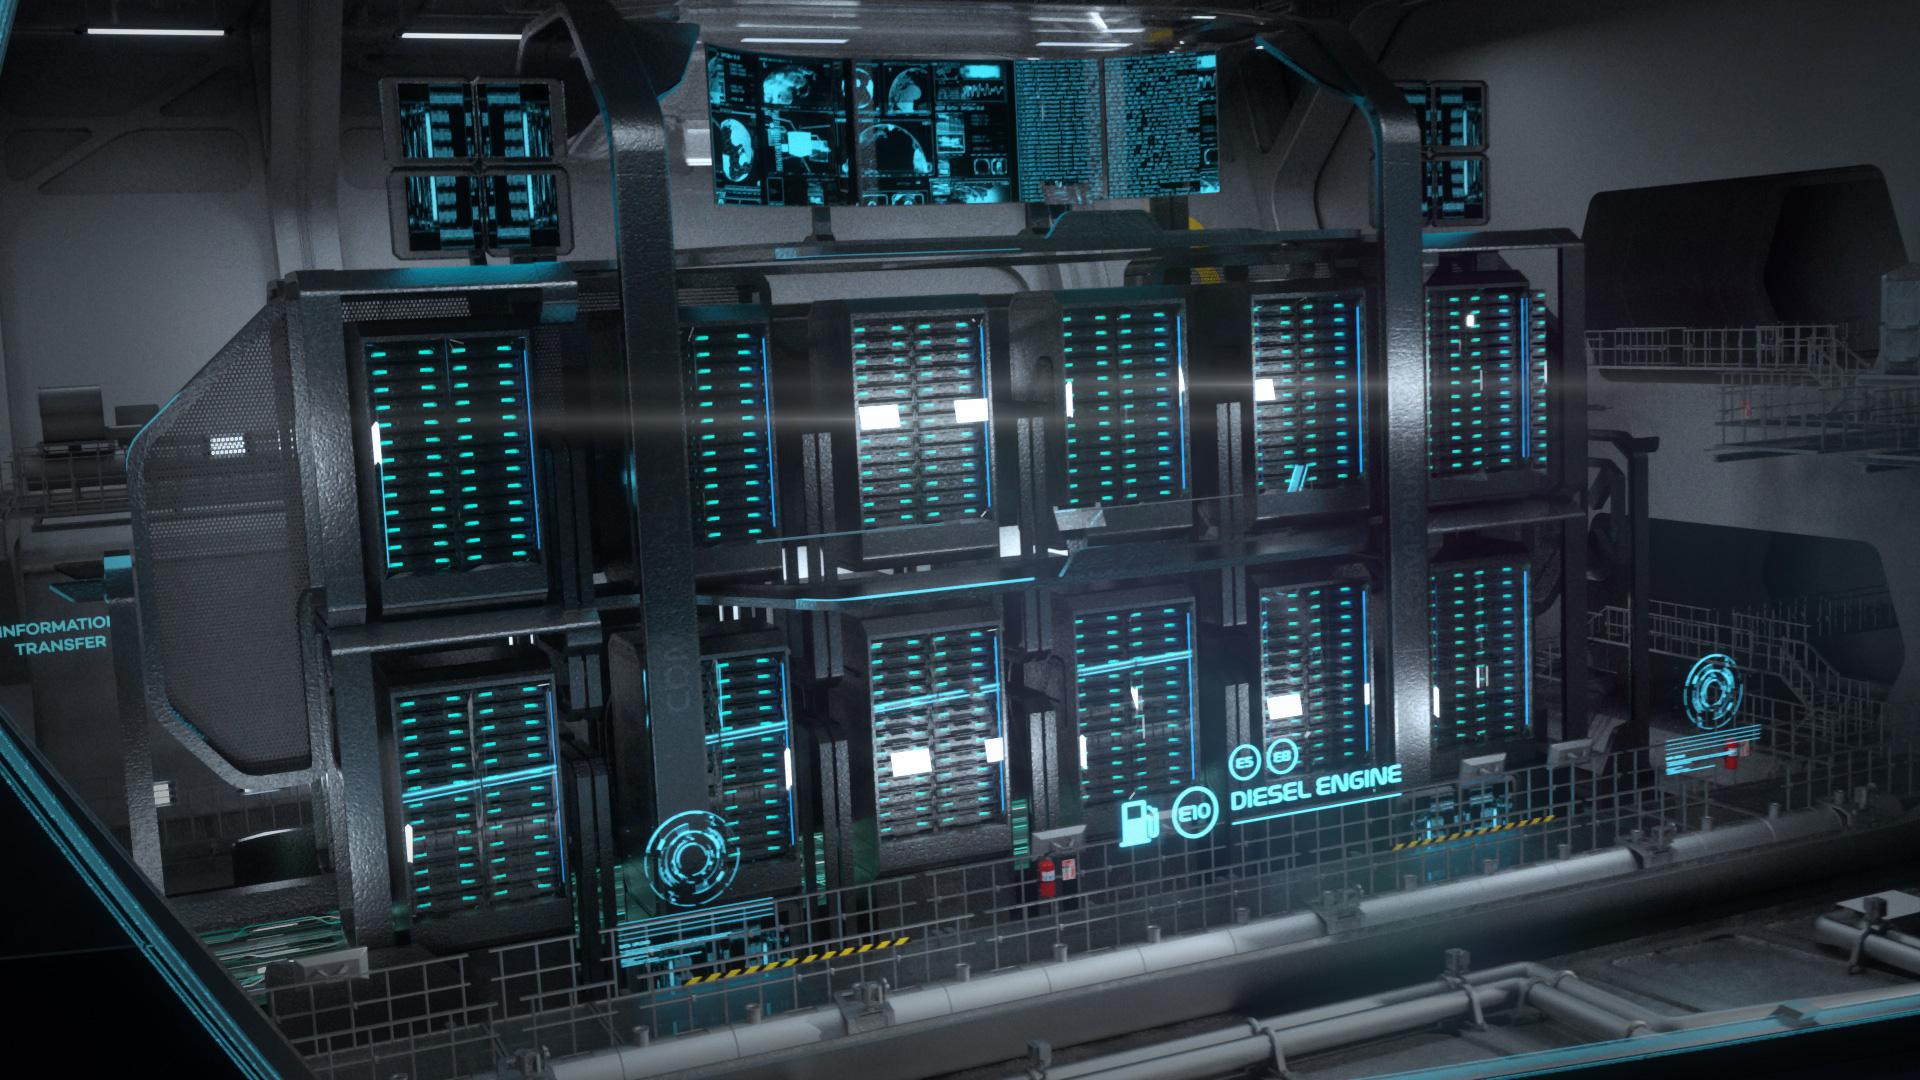 datacenter_00000.jpg